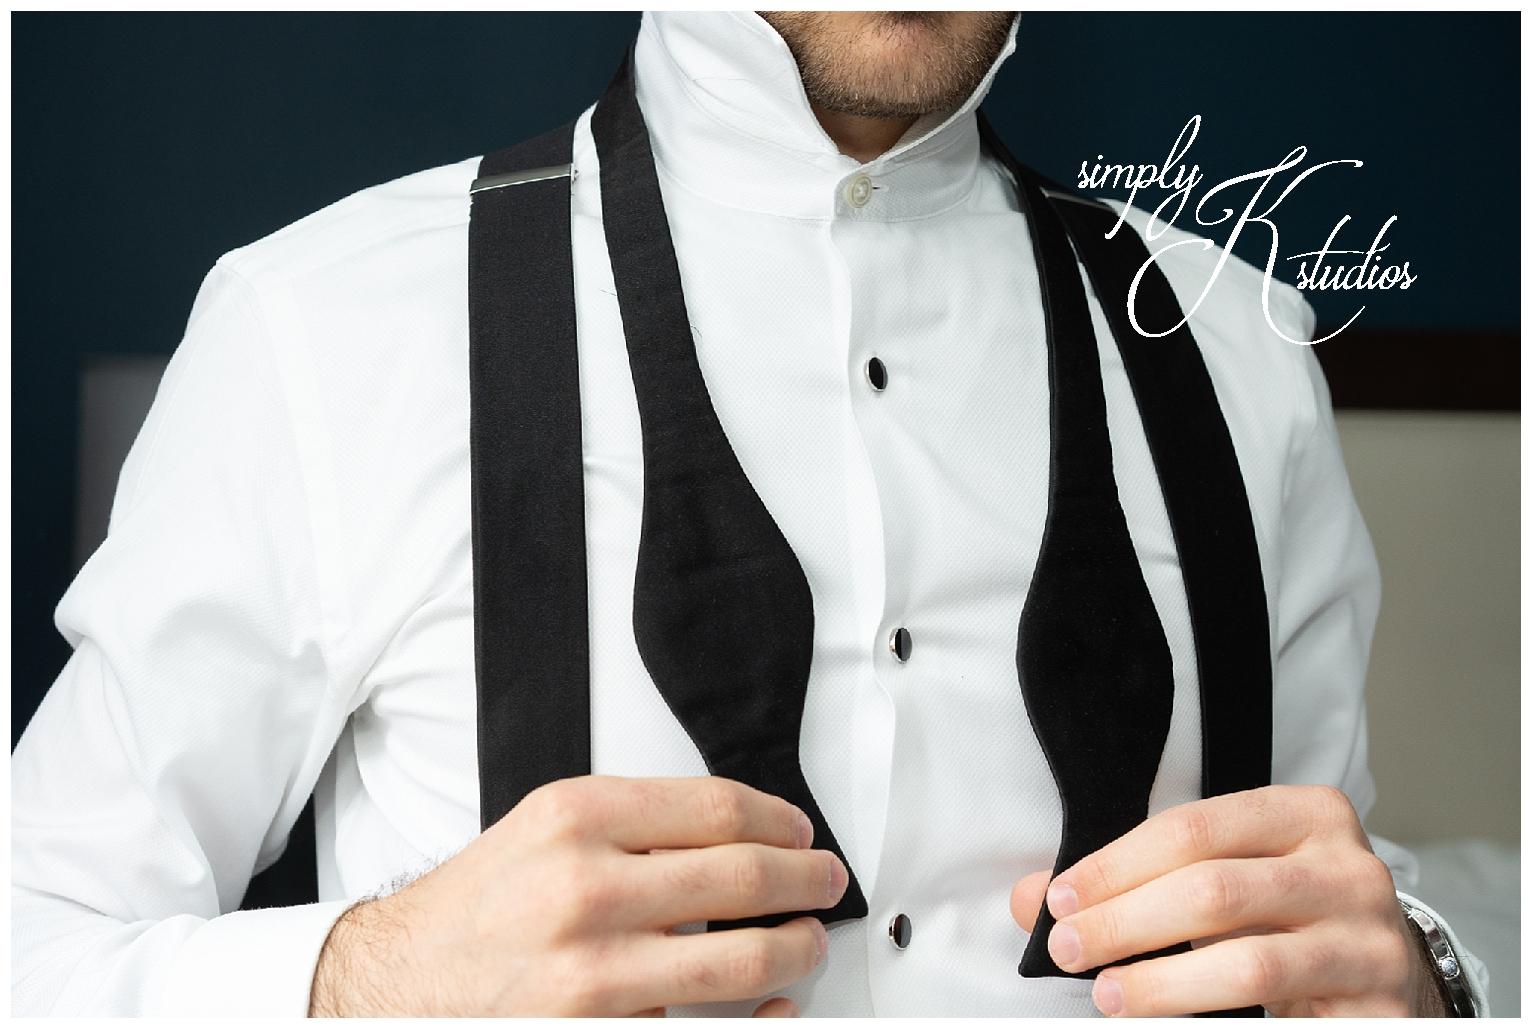 Black Tie Weddings in CT.jpg